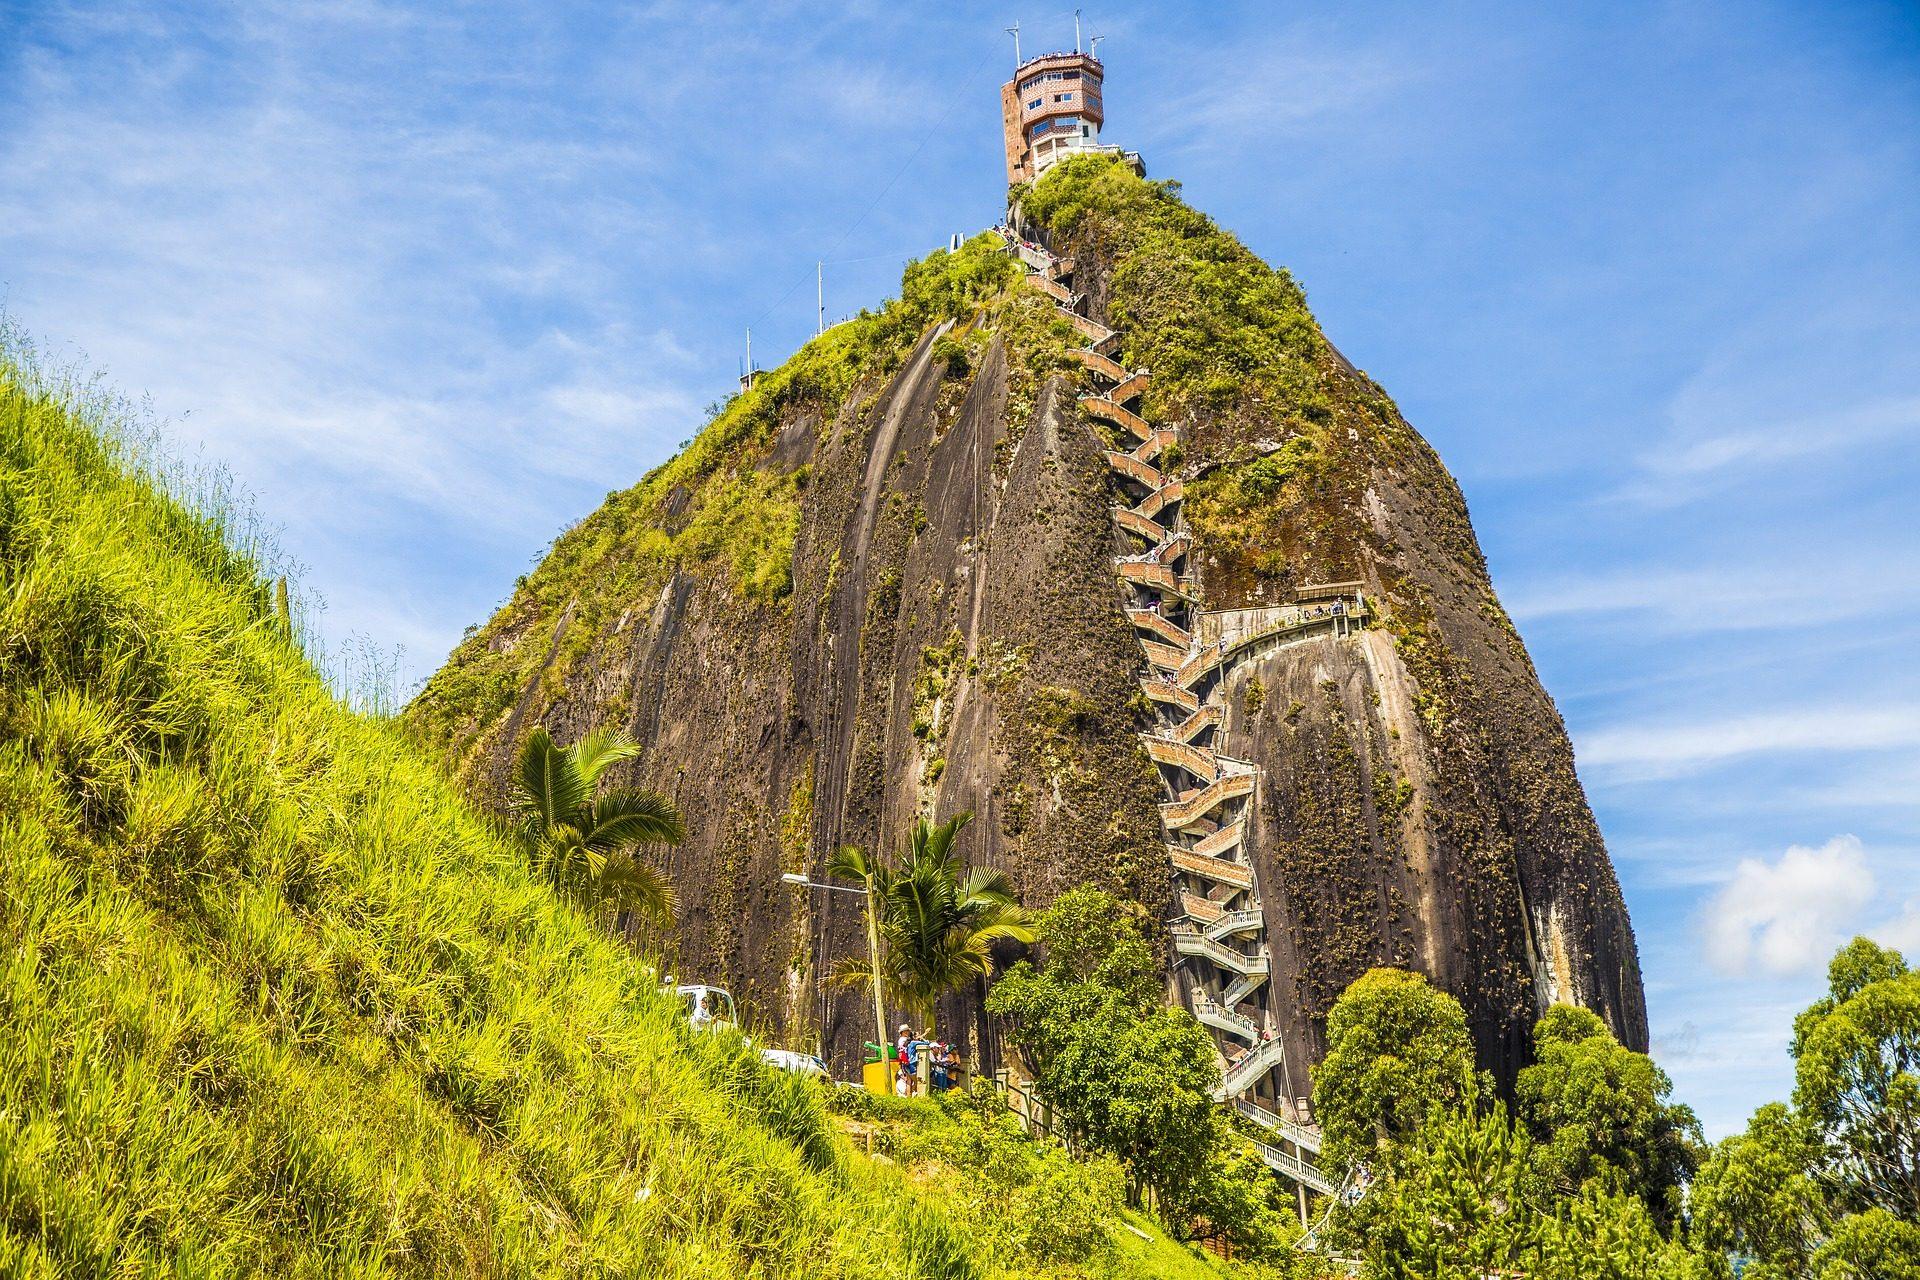 Дом, Монтанья, Рока, лестницы, Высота над уровнем моря, Вверх, растительность, Колумбия - Обои HD - Профессор falken.com